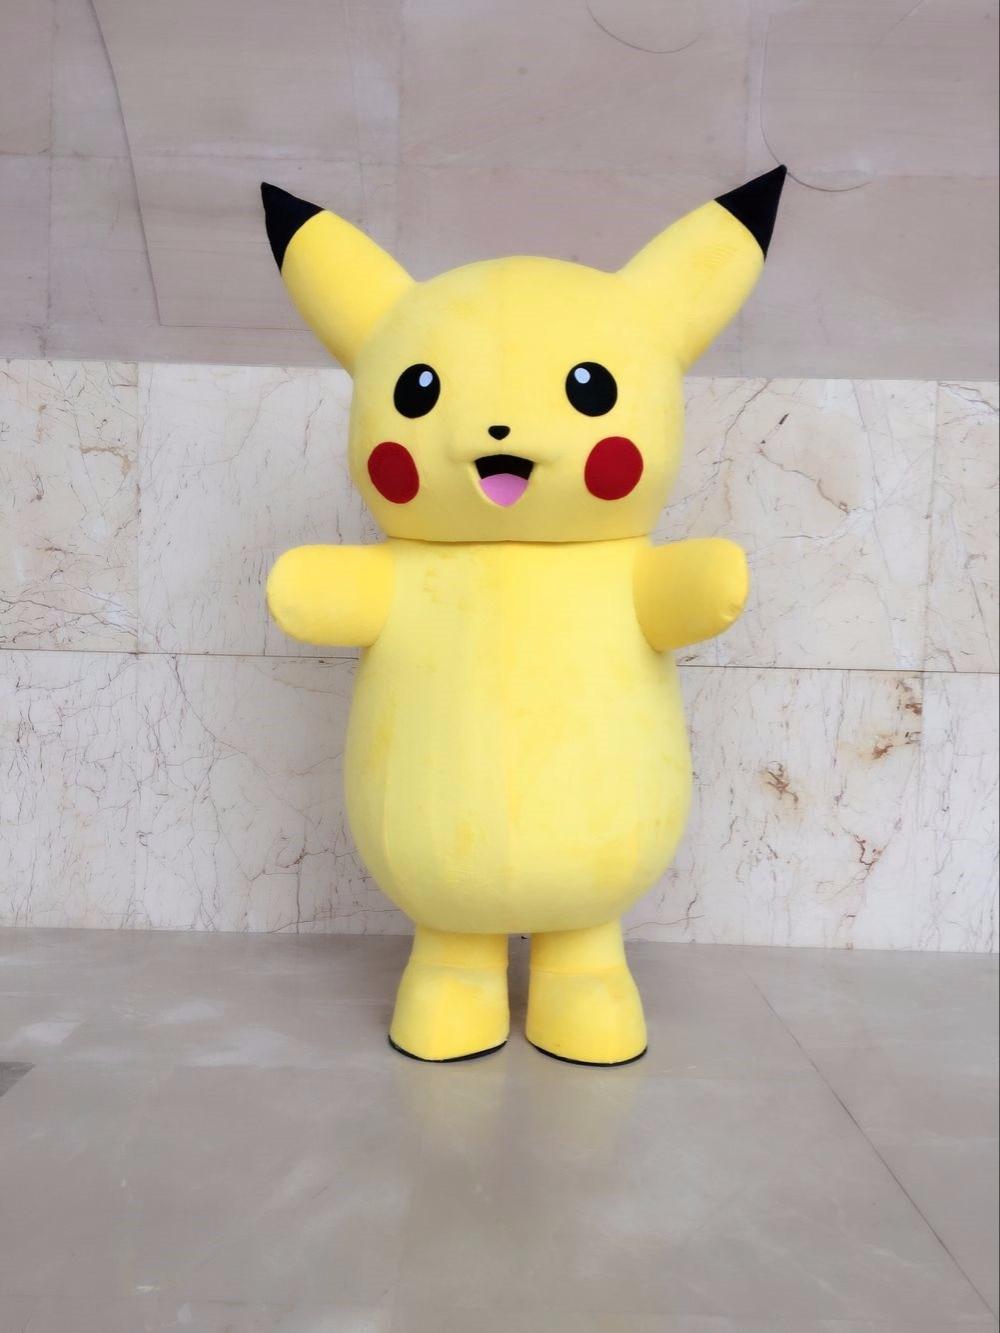 Nouveau Costume de mascotte pokemon pikachu de luxe de qualité supérieure Costume de personnage de bande dessinée Costume de mascotte Costume de fantaisie Costume de fête